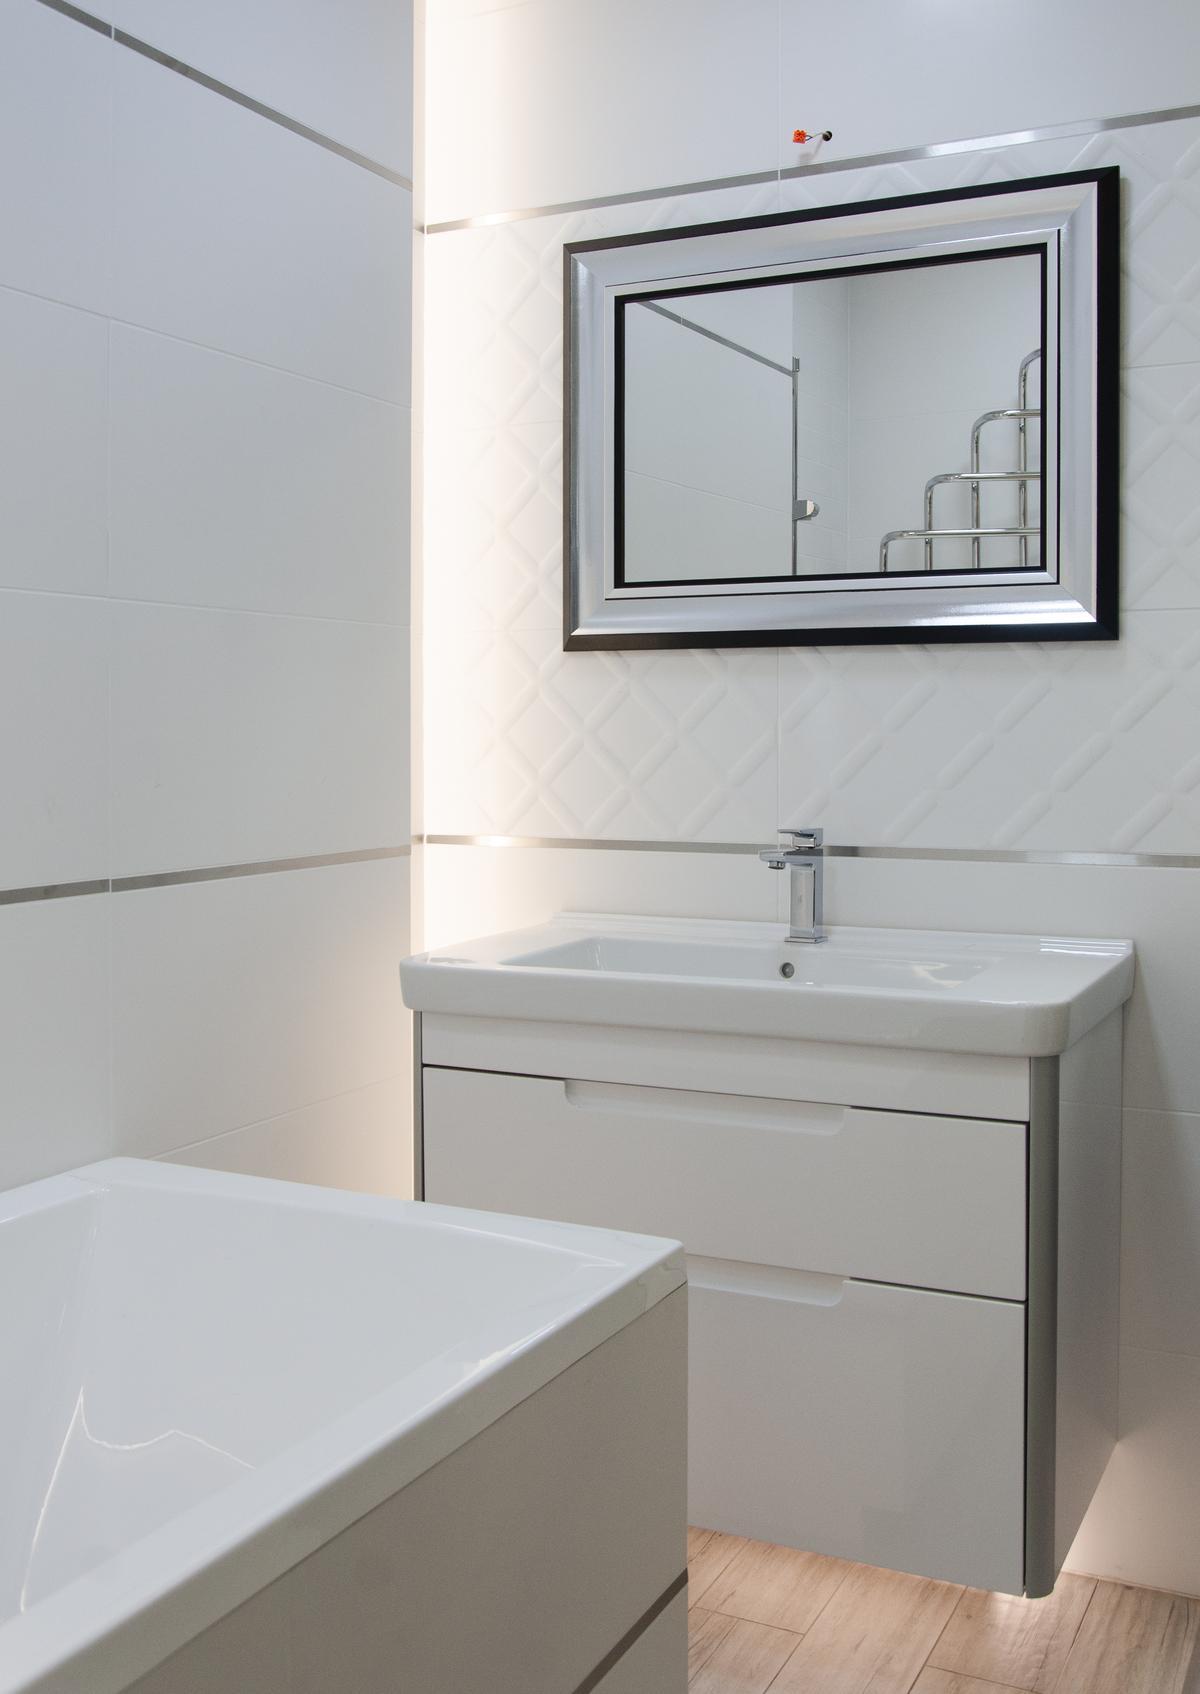 Pomysł na praktyczną łazienkę z wanną w eleganckim wydaniu - zdjęcie od BLU salon łazienek Pułtusk